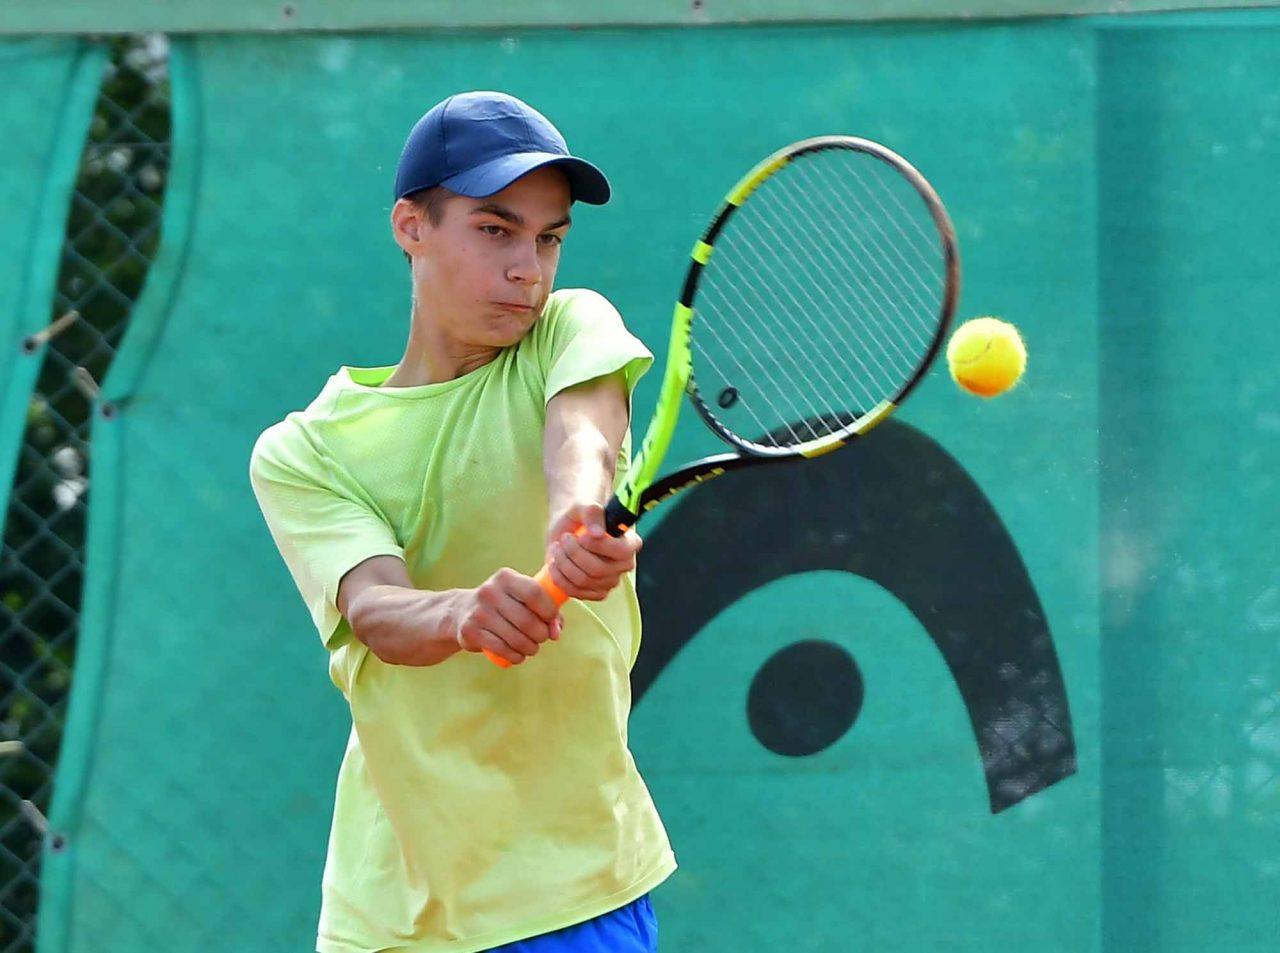 Държавно първенство тенис до 14 год. ТК 15-40 момчета (9)